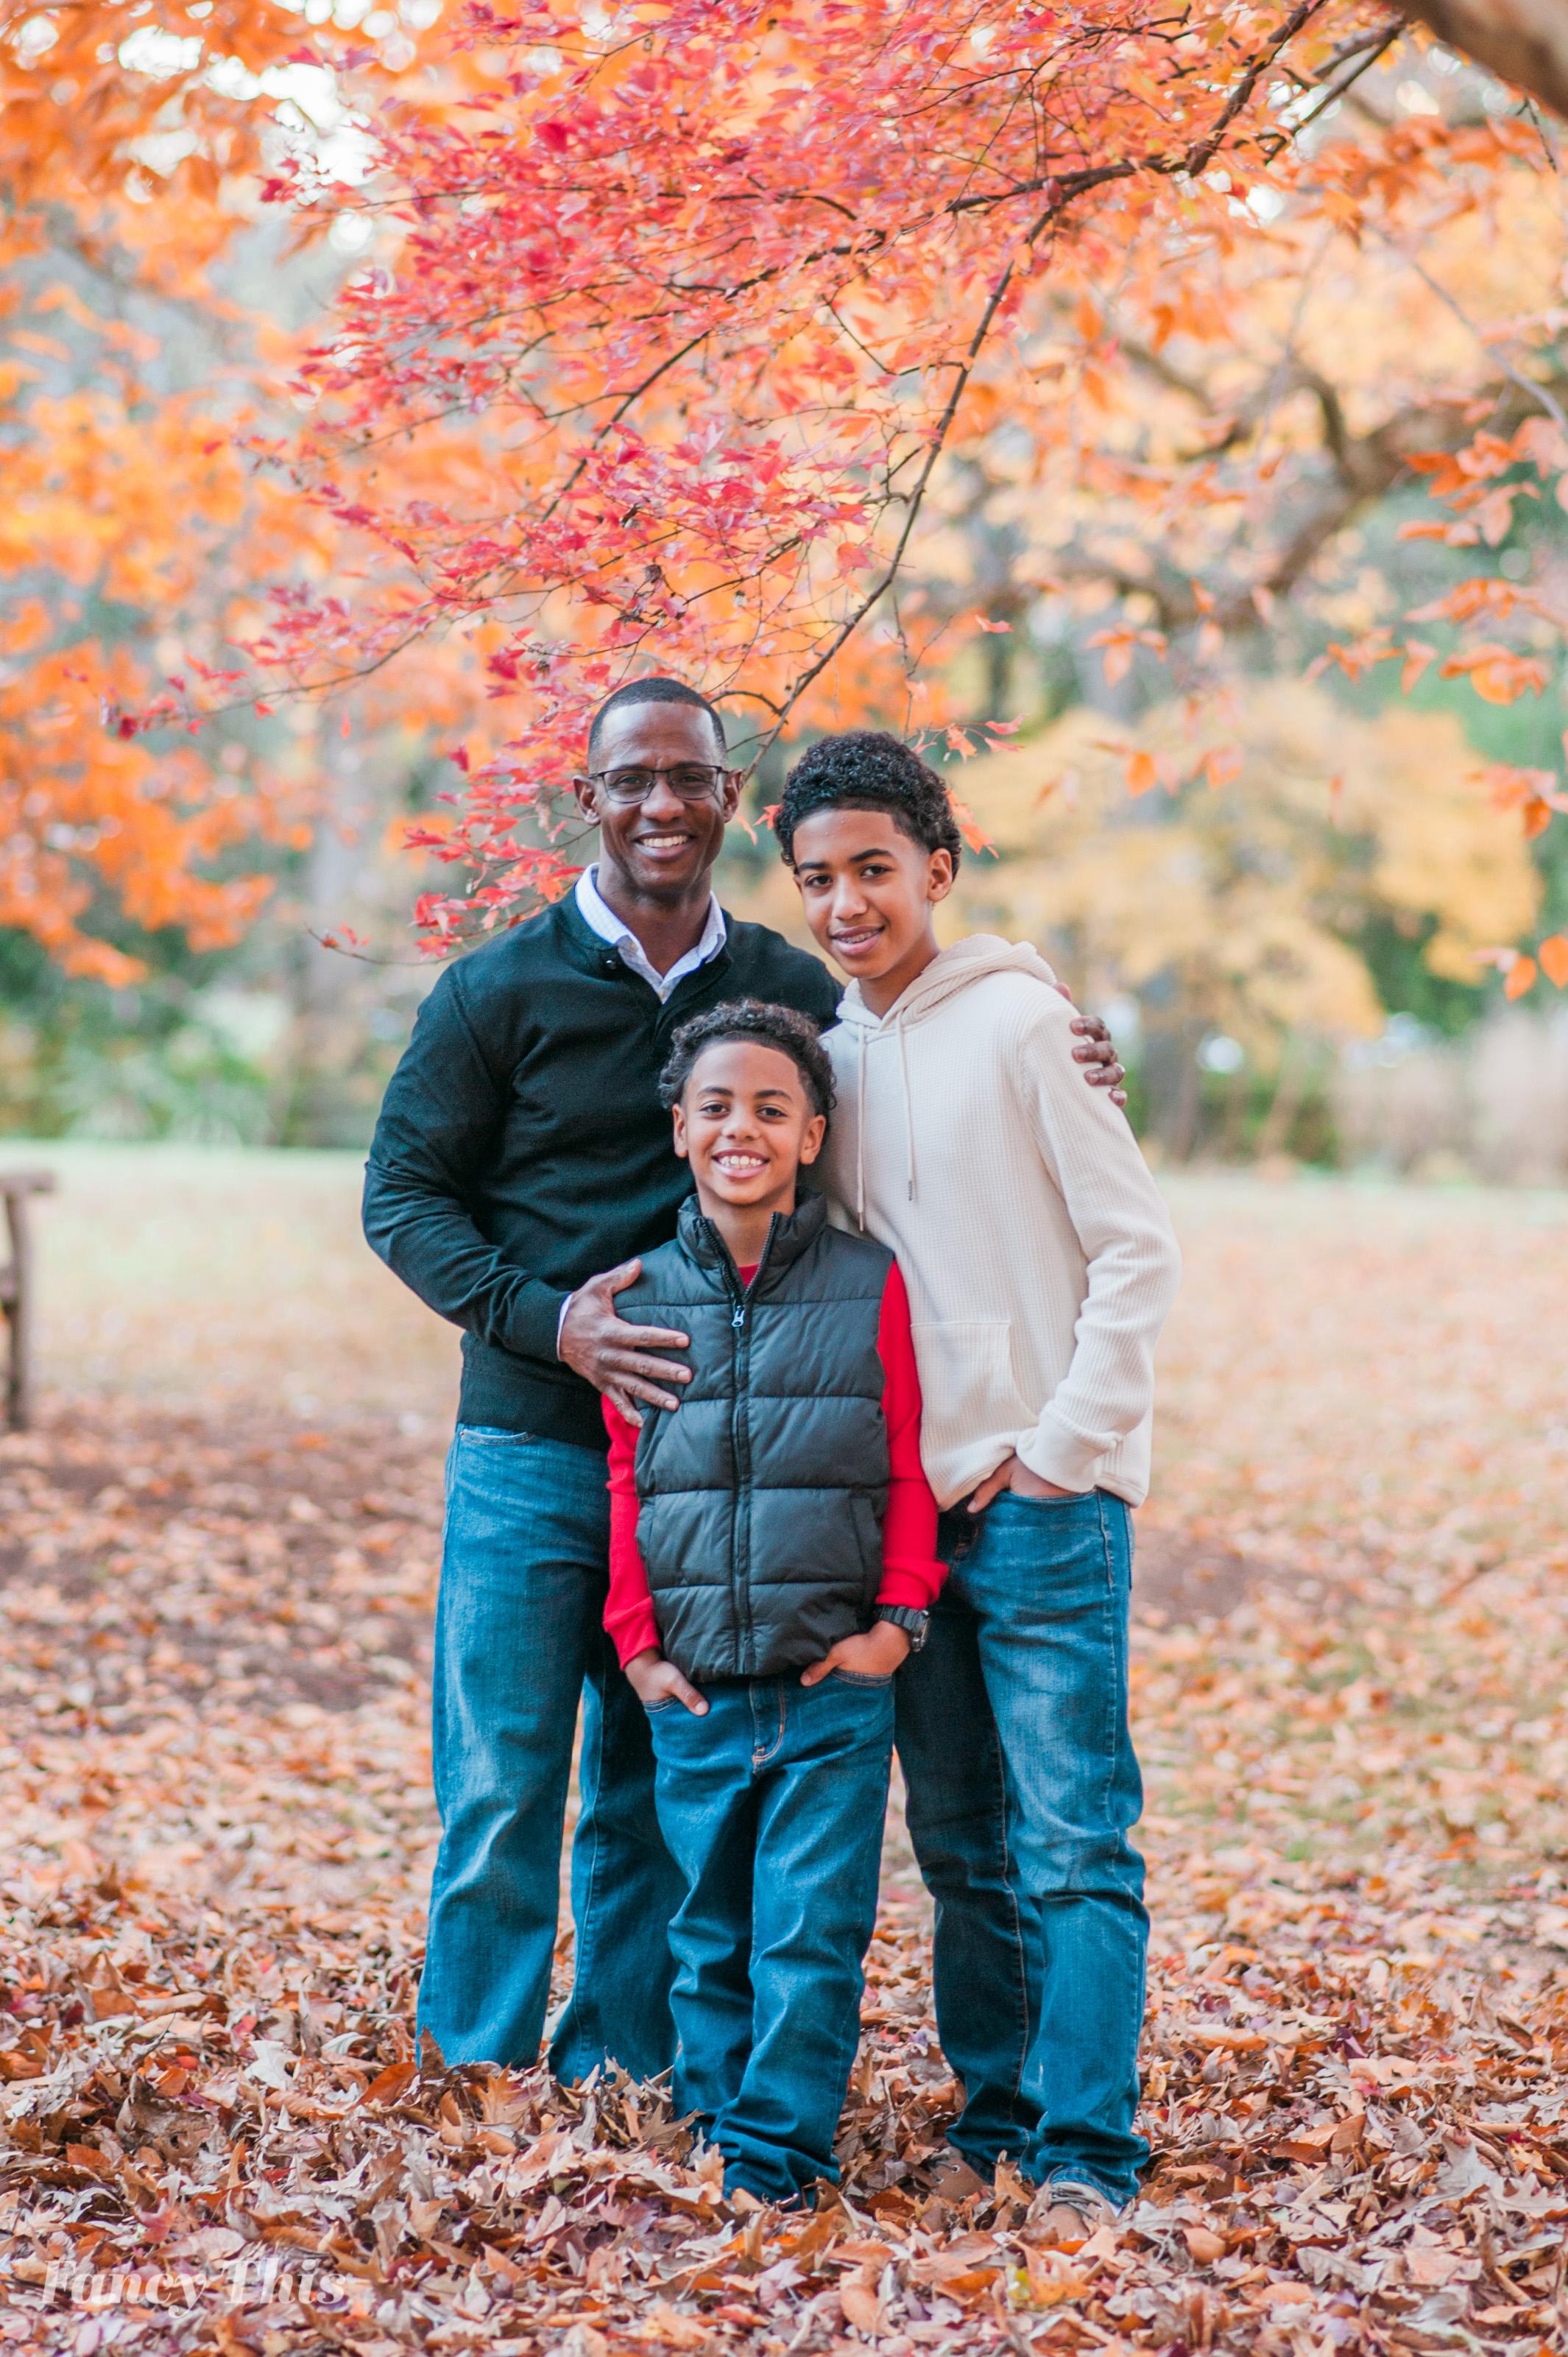 brownfamily_socialmediaready-6.jpg